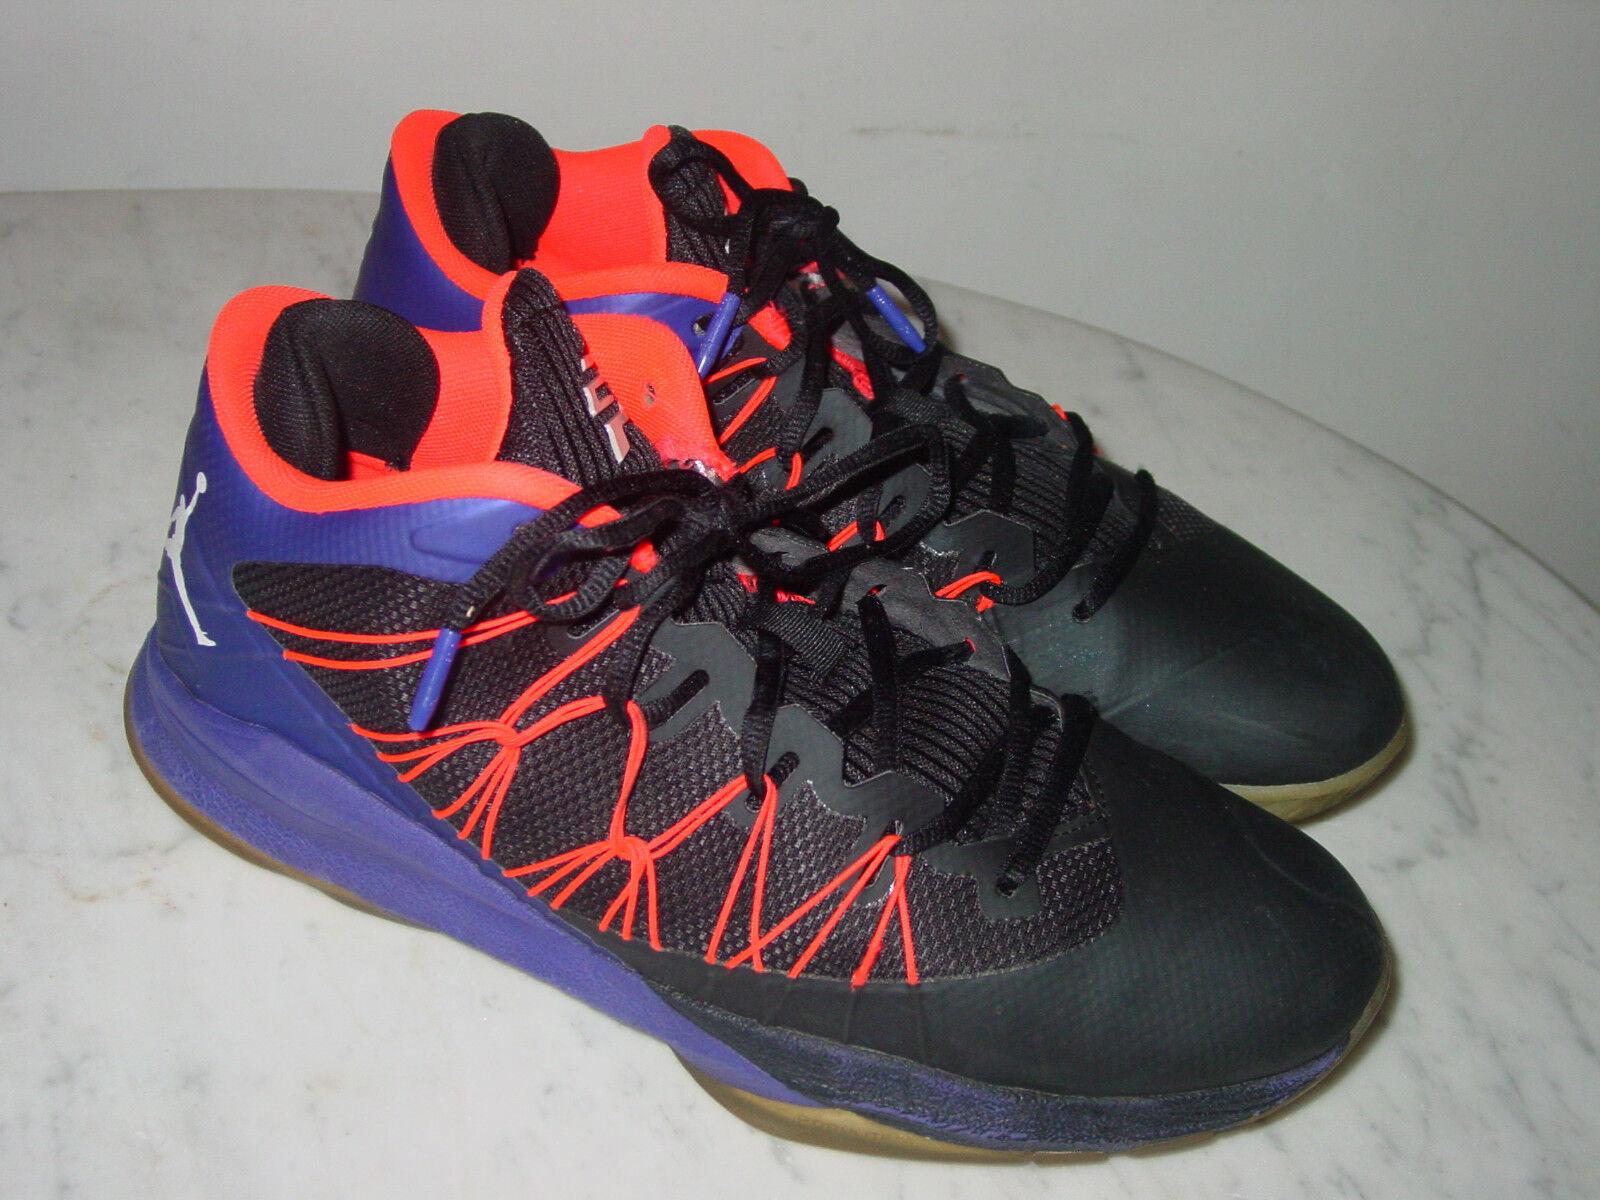 Casual wild 2018 Nike Air Jordan CP3 VII AE Black/White/Dark Concord Shoes! Comfortable